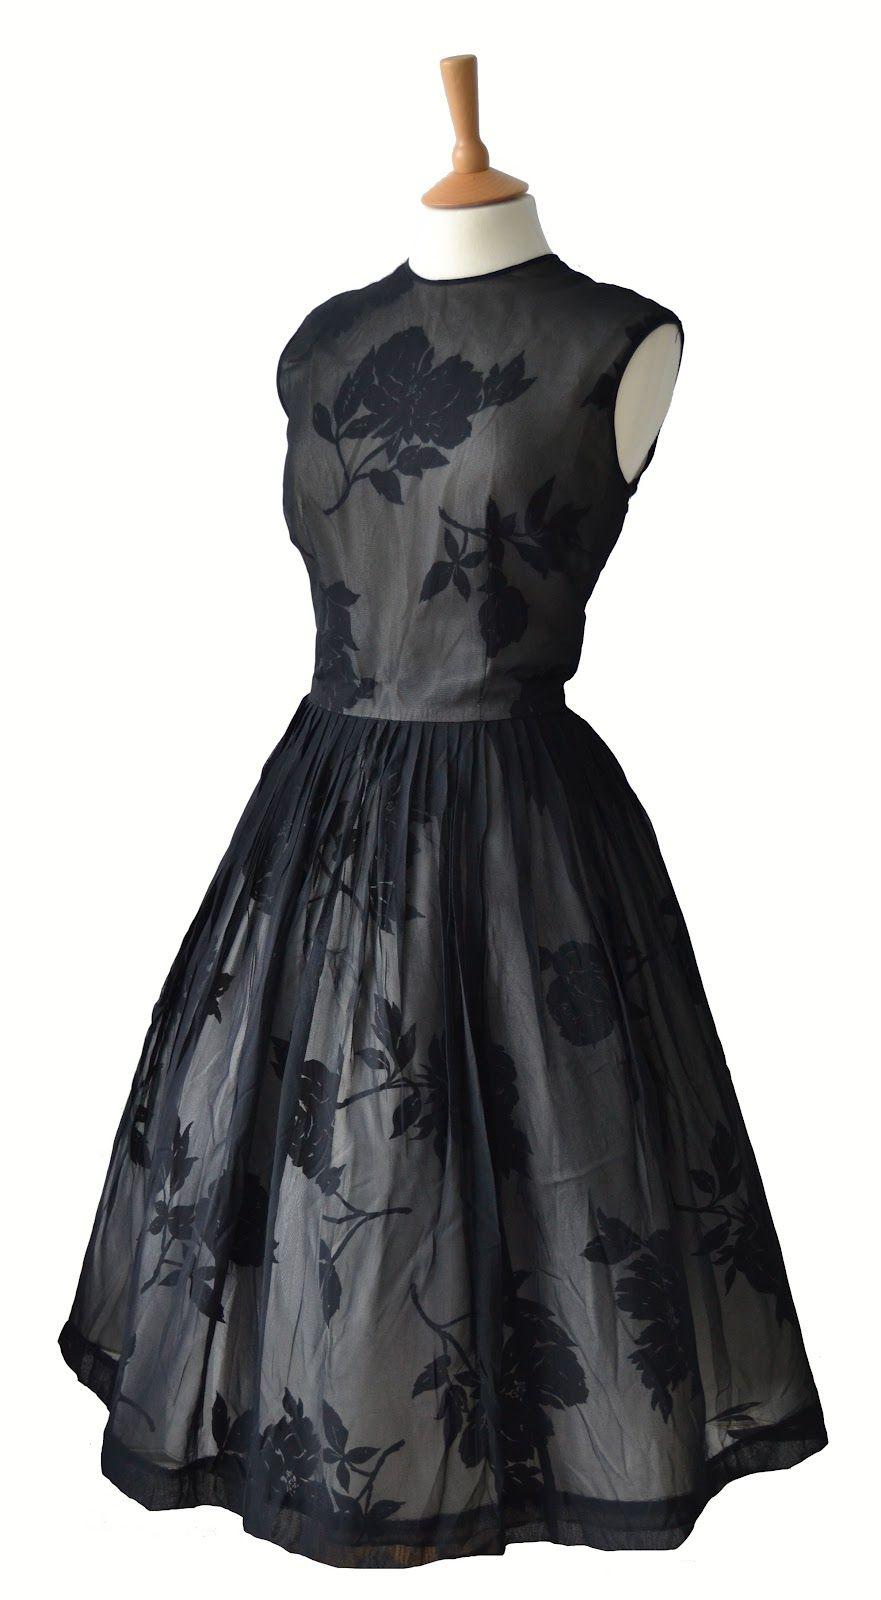 Más de vestidos con estilo retro o vintage vestidos glam me